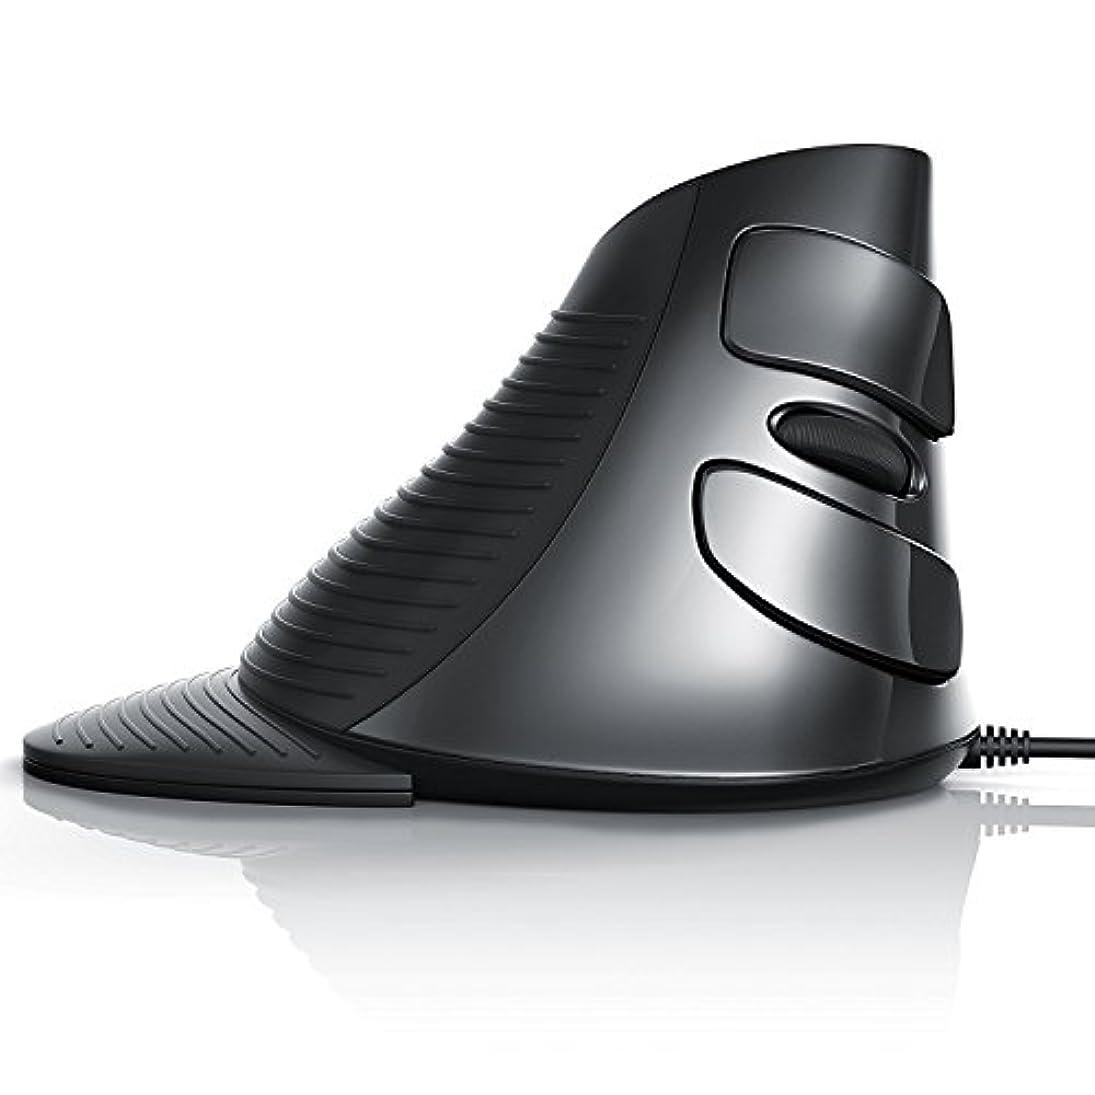 水差しリード偶然のJTD マウス スクロールマウス USB エルゴノミクスマウス 垂直マウス 着脱式リストレスト 手/手首の痛みを軽減/腱鞘炎防止 (有線)